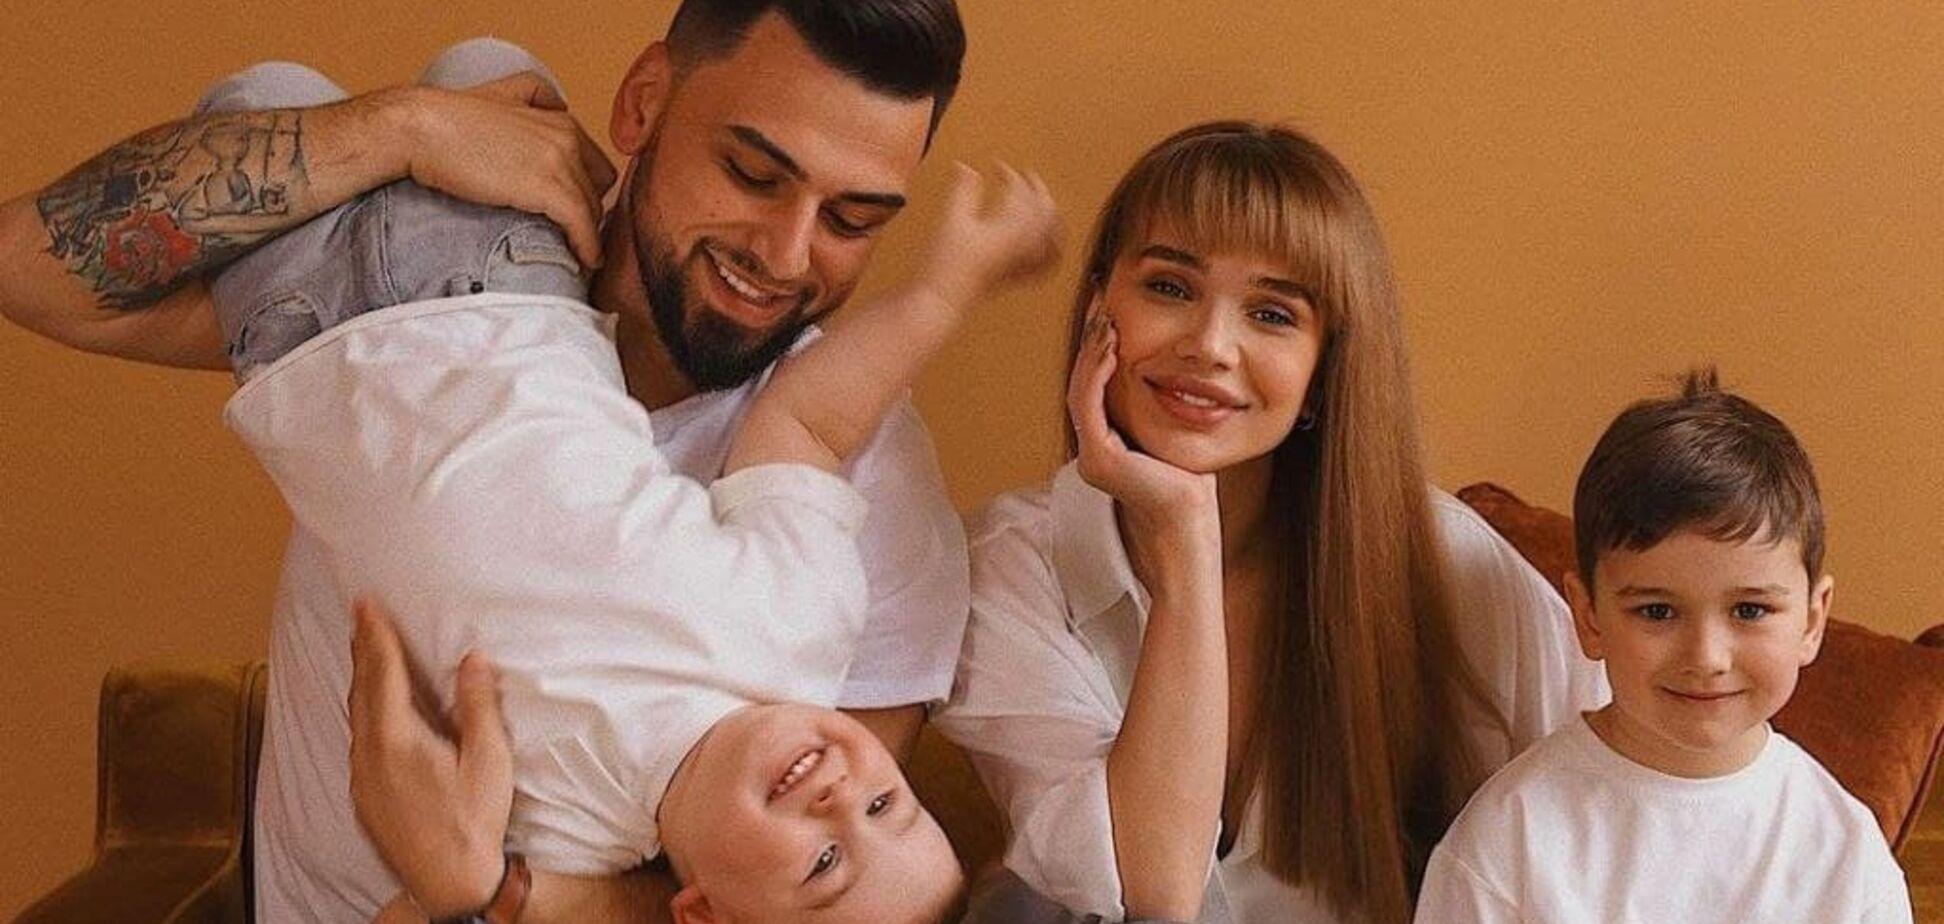 Популярная в Украине Insta-пара объявила о разводе